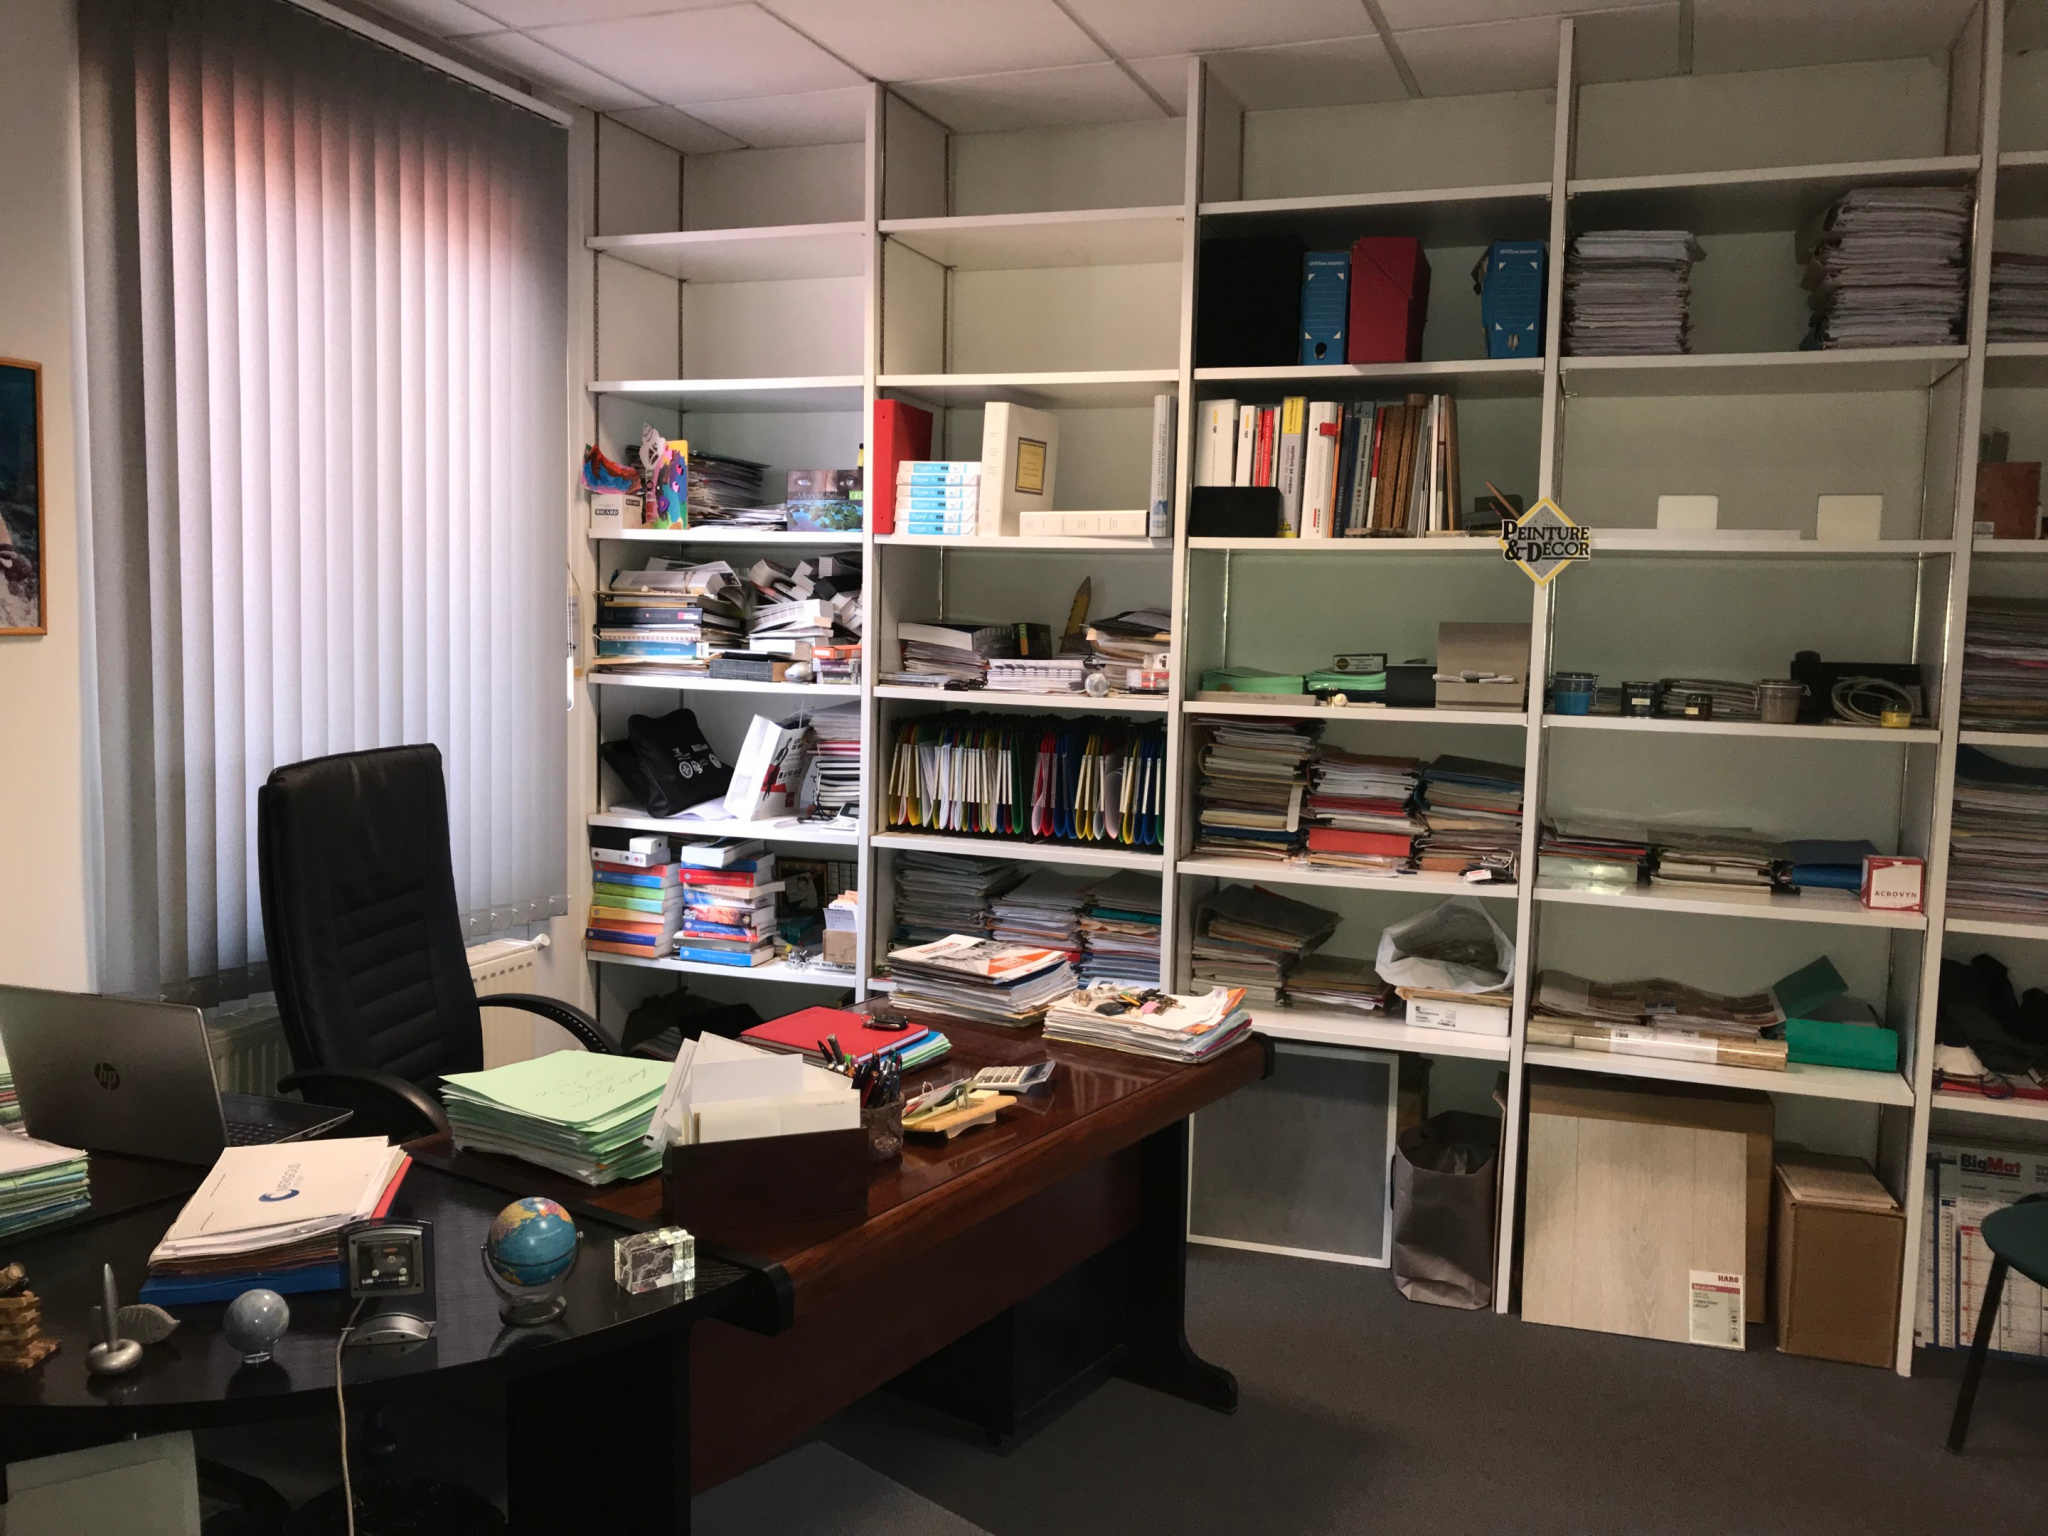 Vente immobilier professionnel bureaux zone de stockage - Bureau de vente immobilier ...